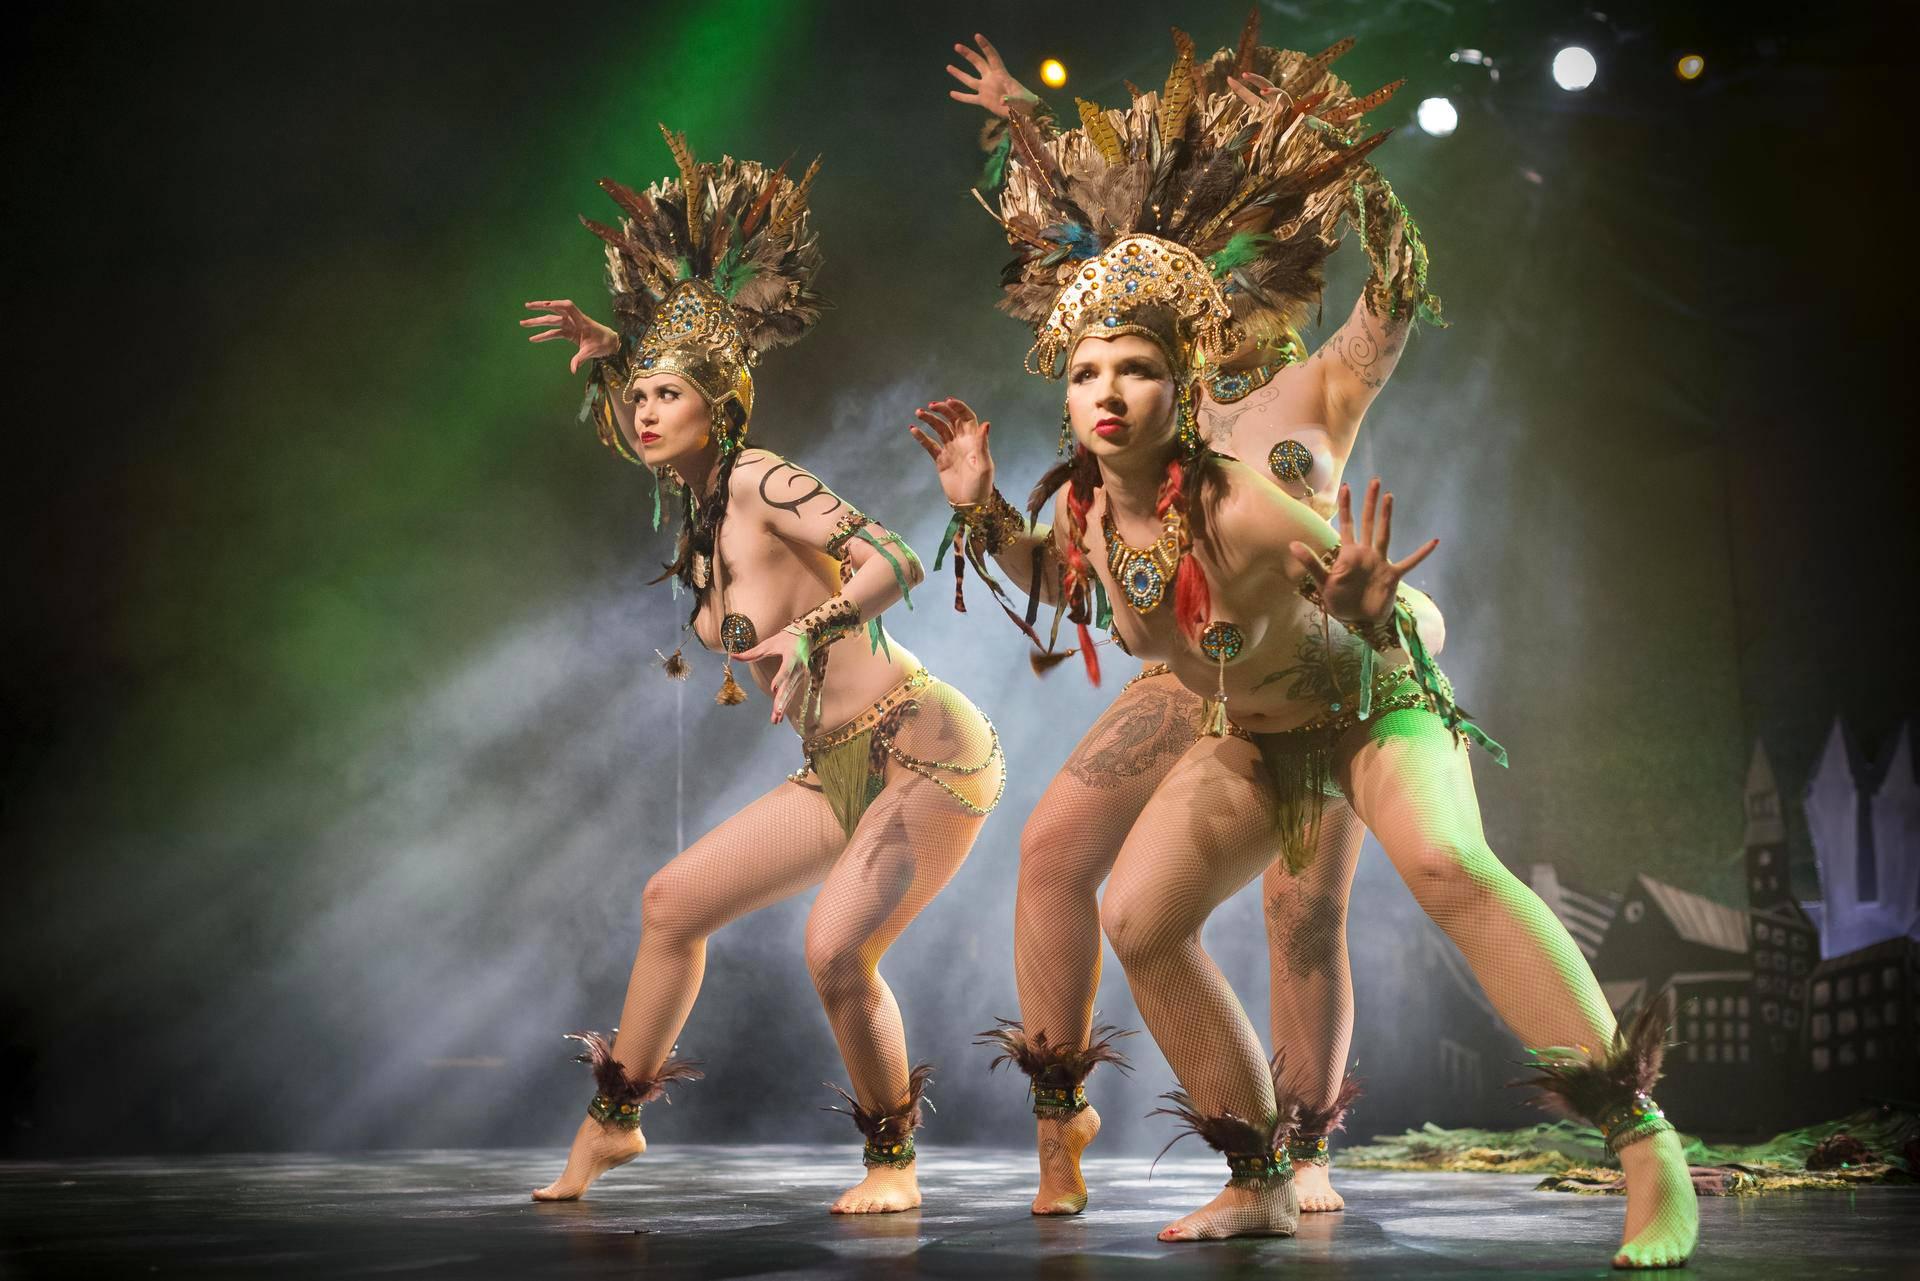 The Savage Girls -ryhmä esiintyi festivaalilla vuonna 2013.